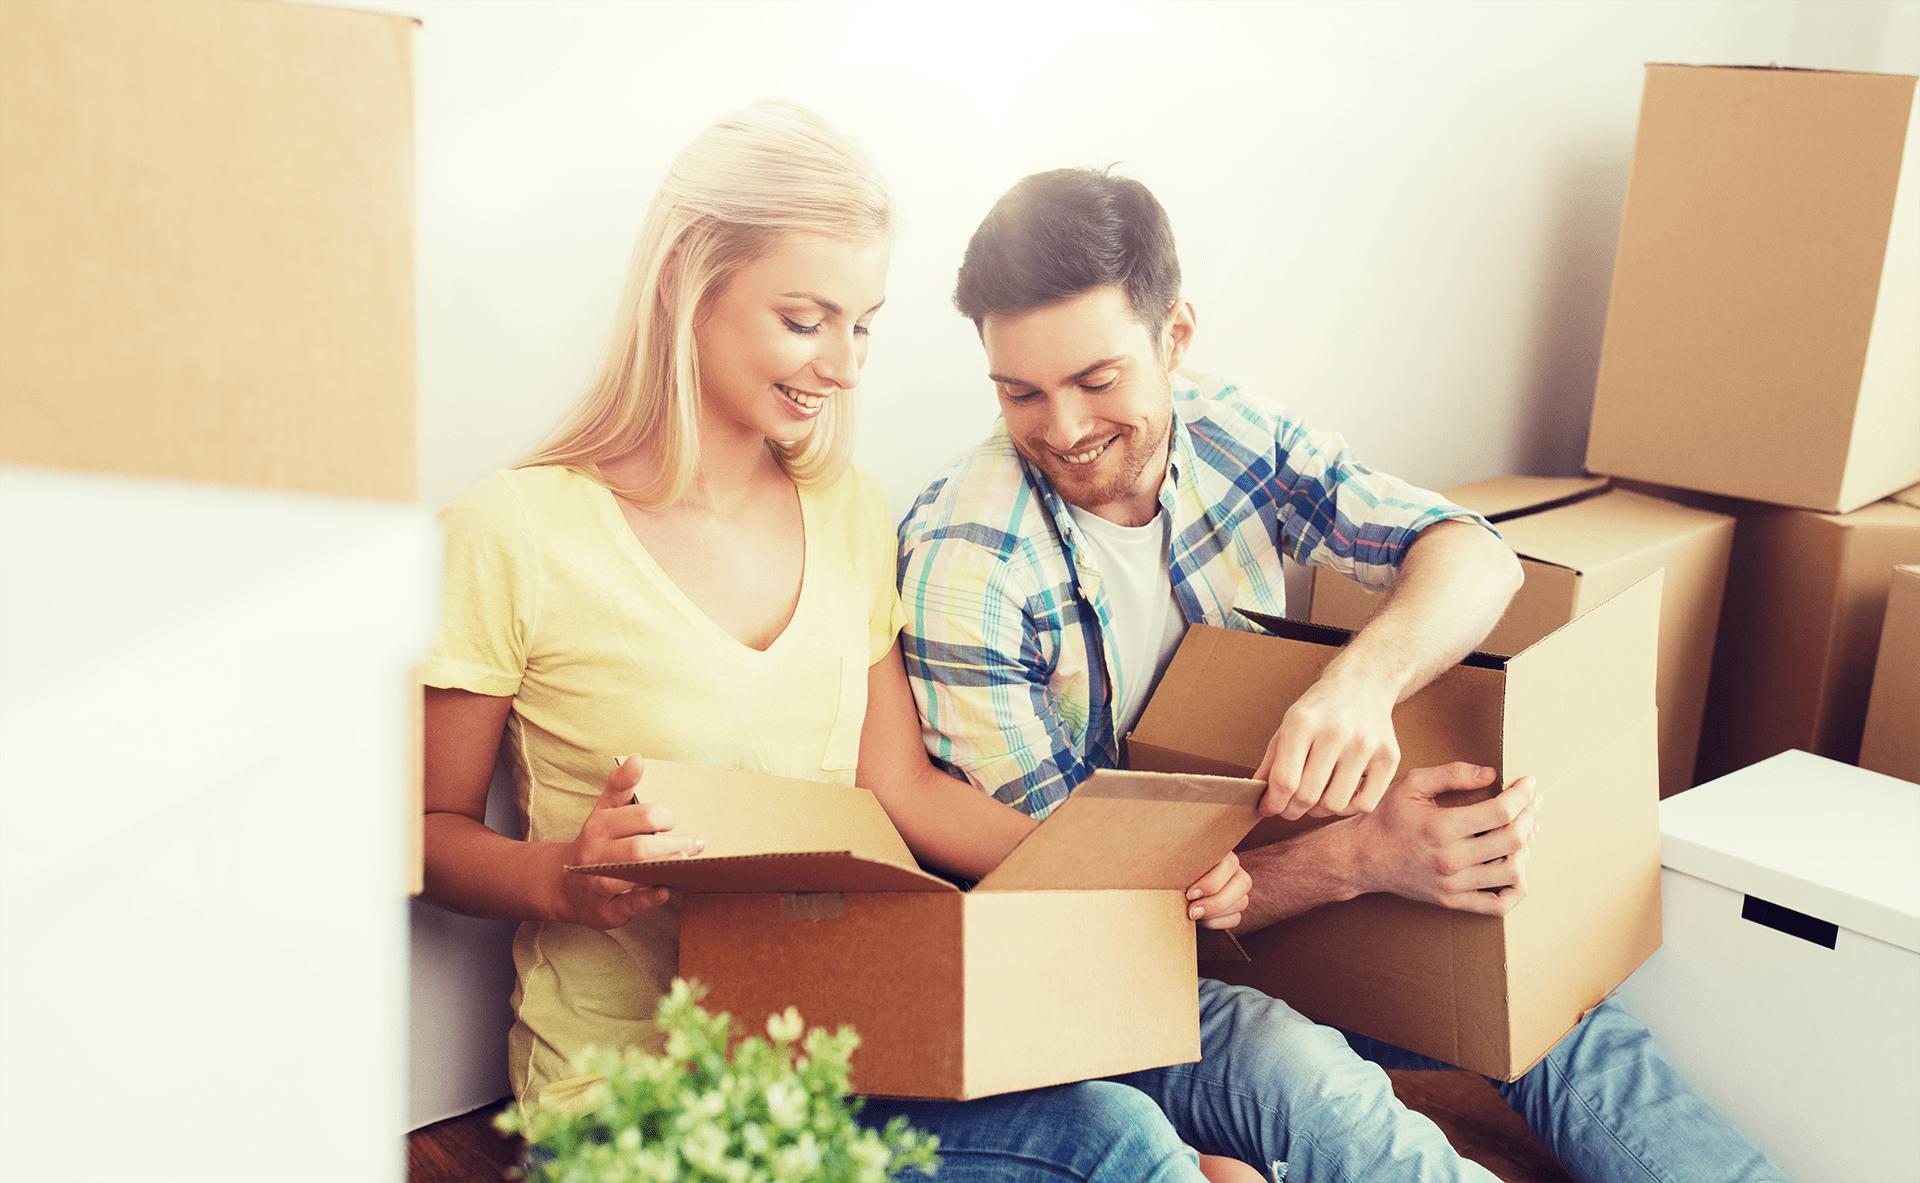 Prevozi - selitev hiš, stanovanja, vikendov, garaž - kompletne selitve - 1582210617